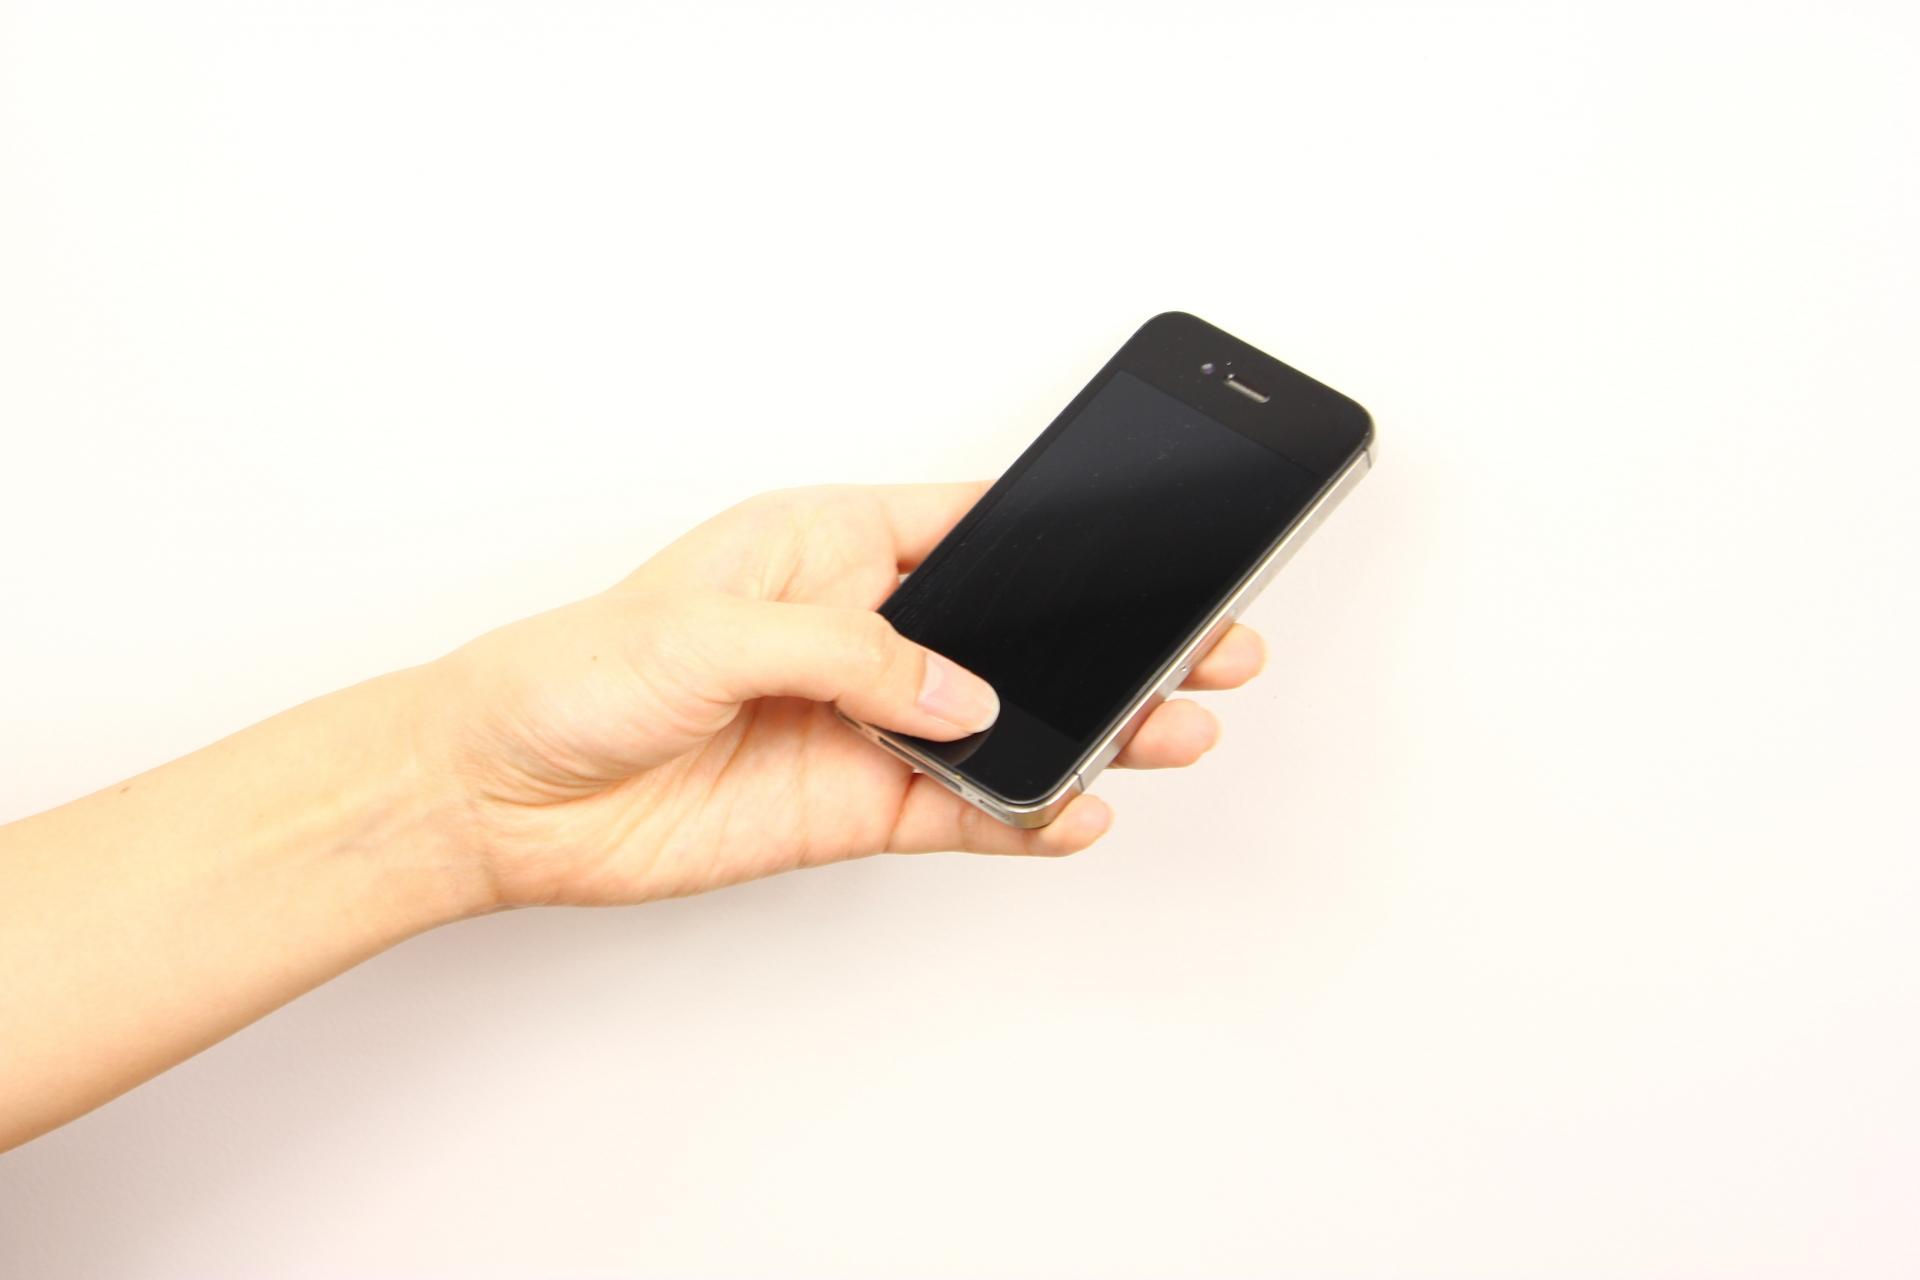 携帯電話を英語では何と言う?「スマホ」や「ガラケー」は通じるのか。